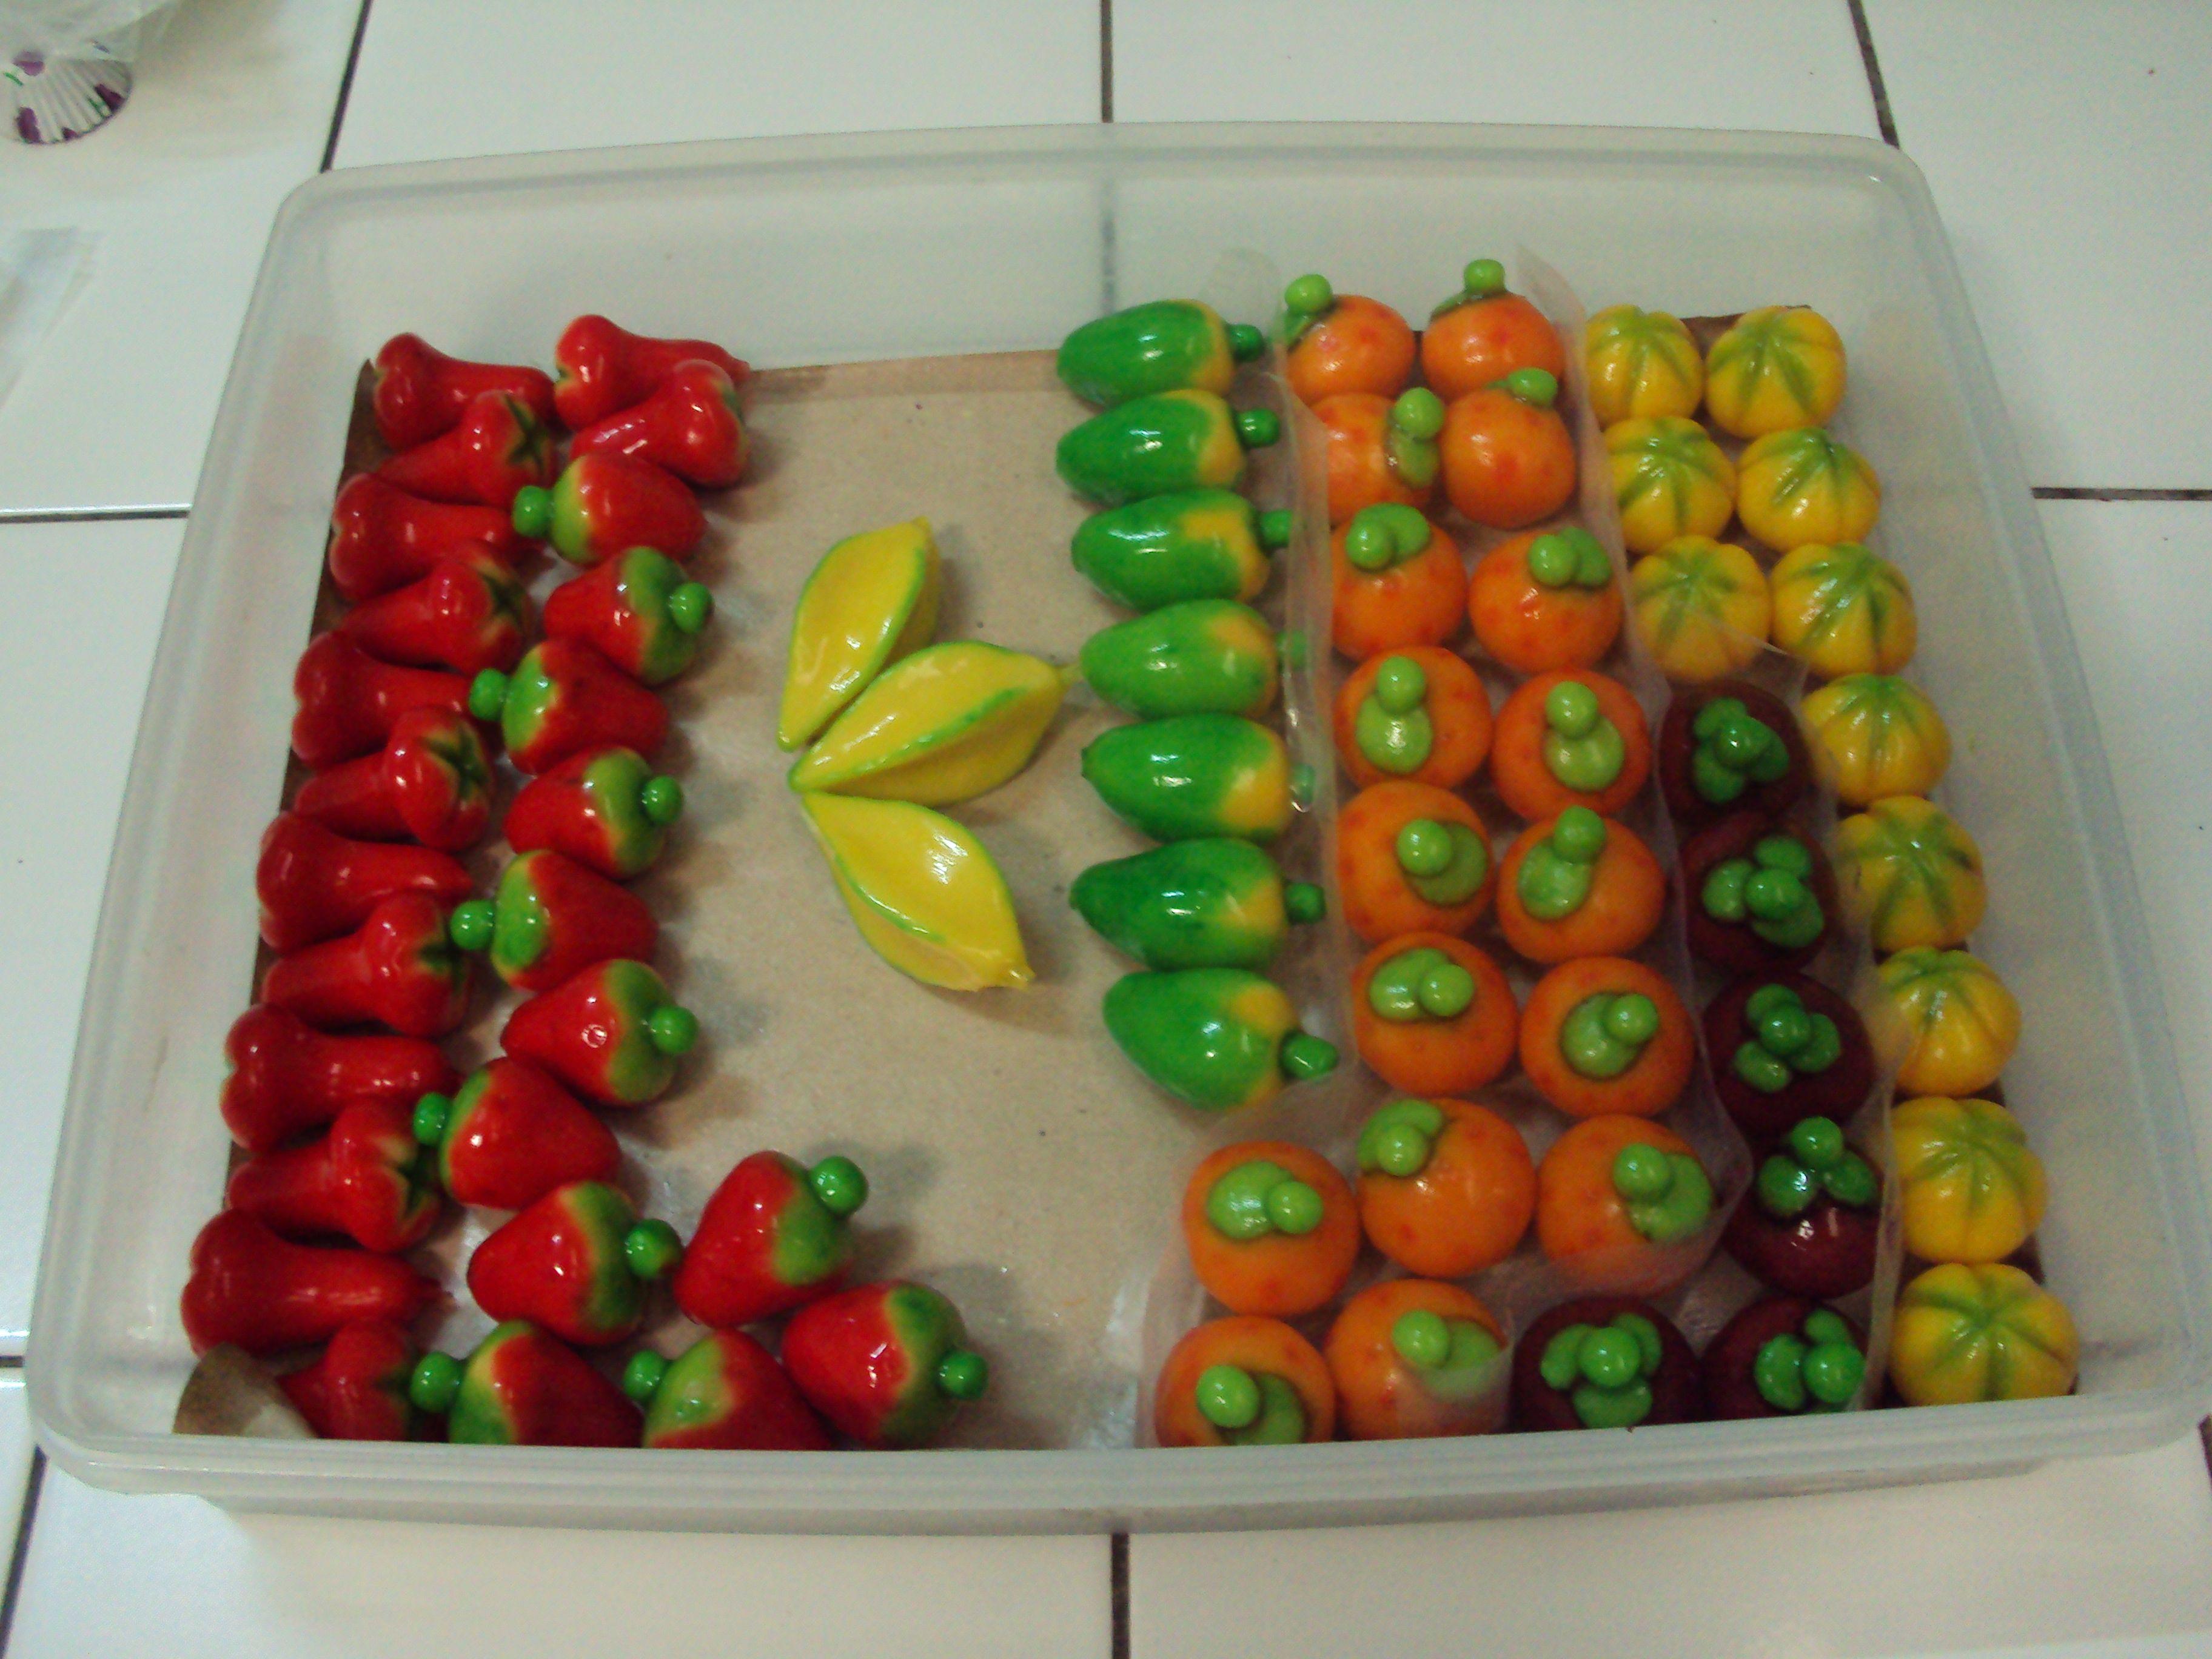 Kue Buah Mini Dalam Berbagai Jenis Buah Mini Merupakan Kue Tradisional Asal Thailand Kue Buah Buah Kue